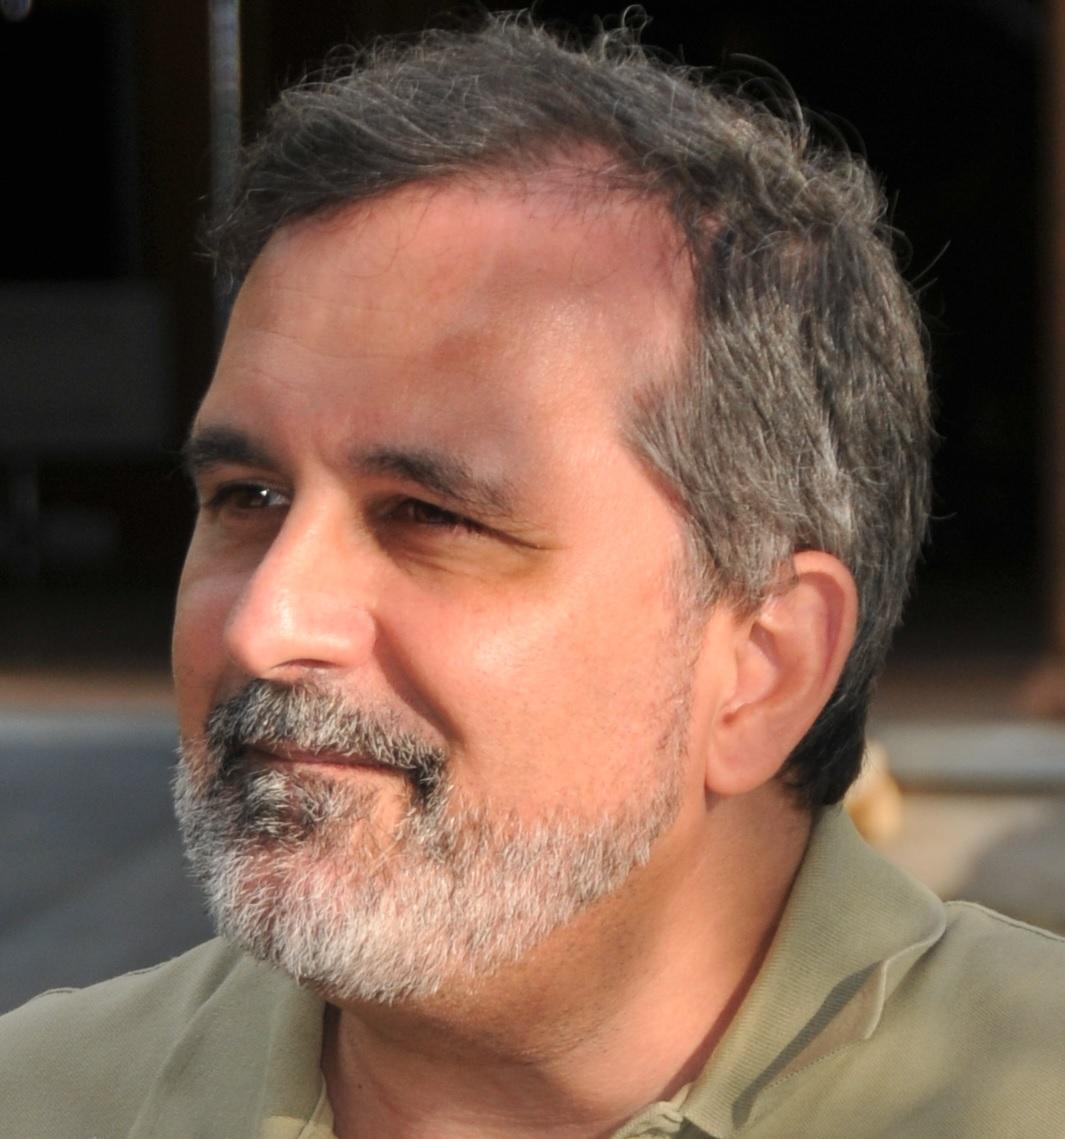 Dr. Carlo Valerio Bellieni